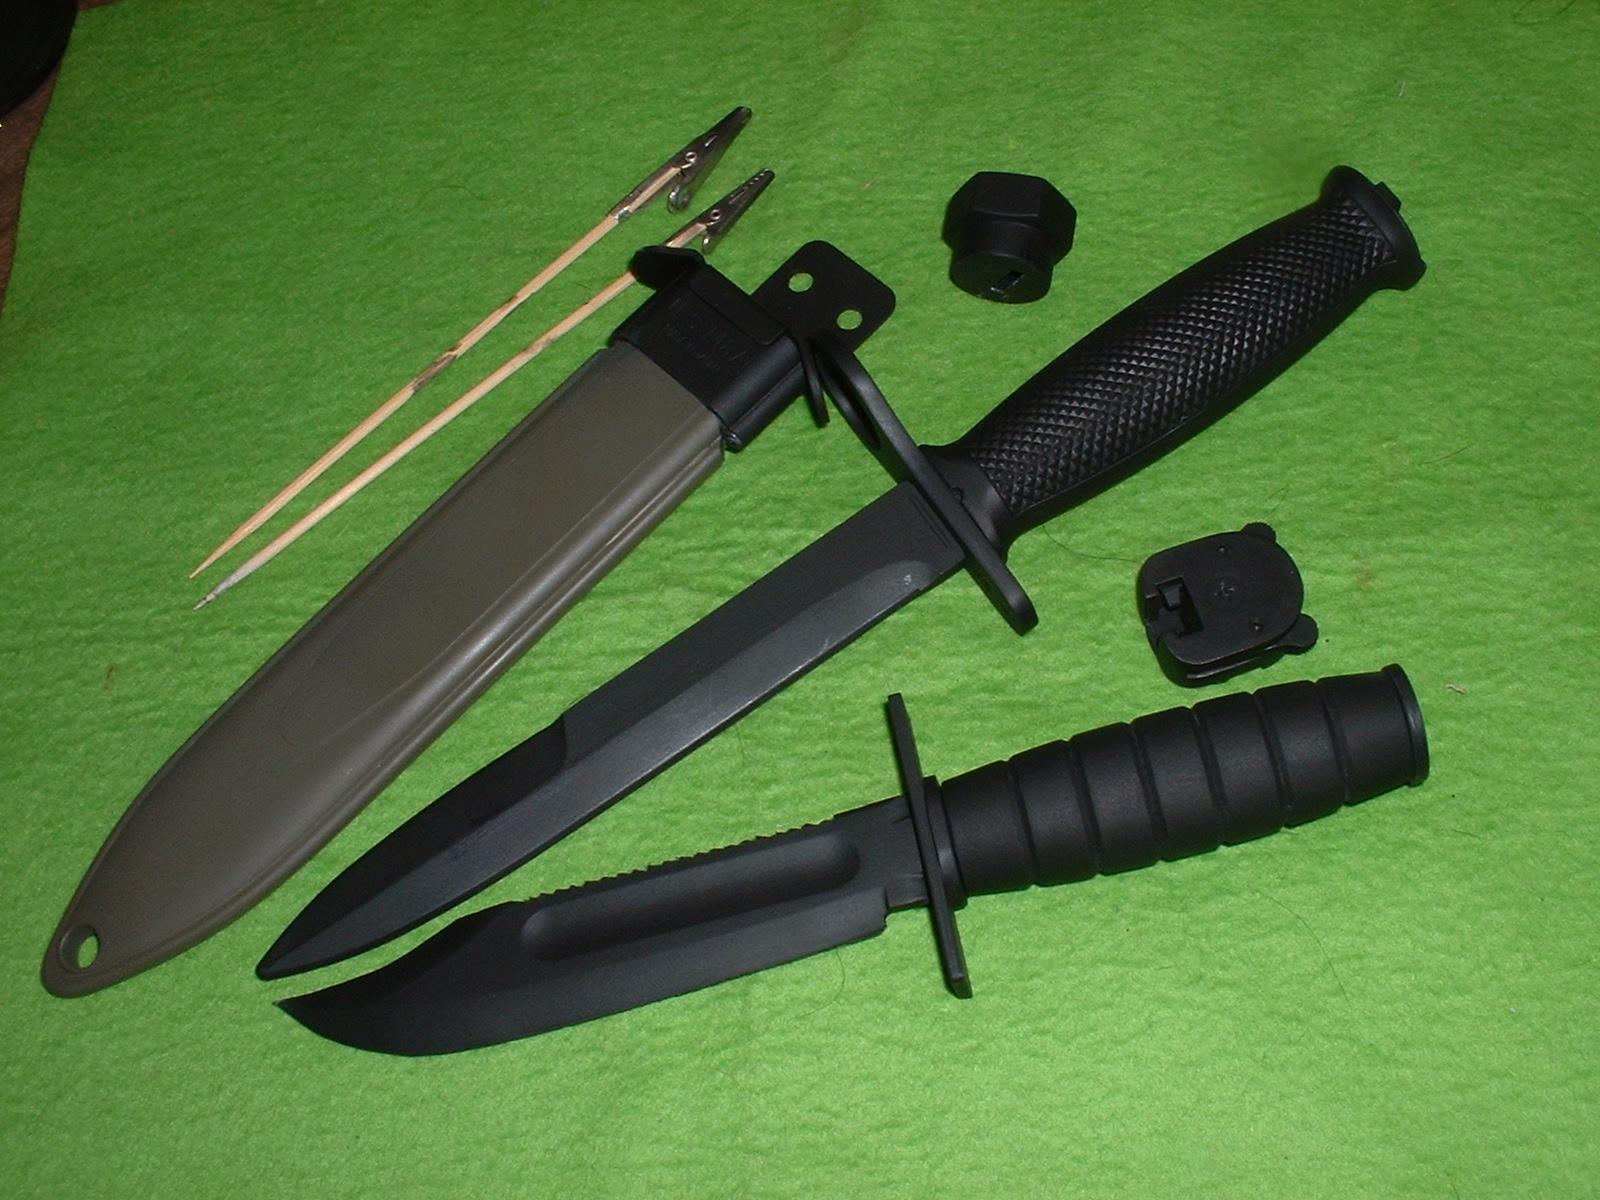 2013年09月21日 ゴム刃版「M7バヨネット」&「USコンバットナイフ」2種の状態 Doburoku-TAO.JPG